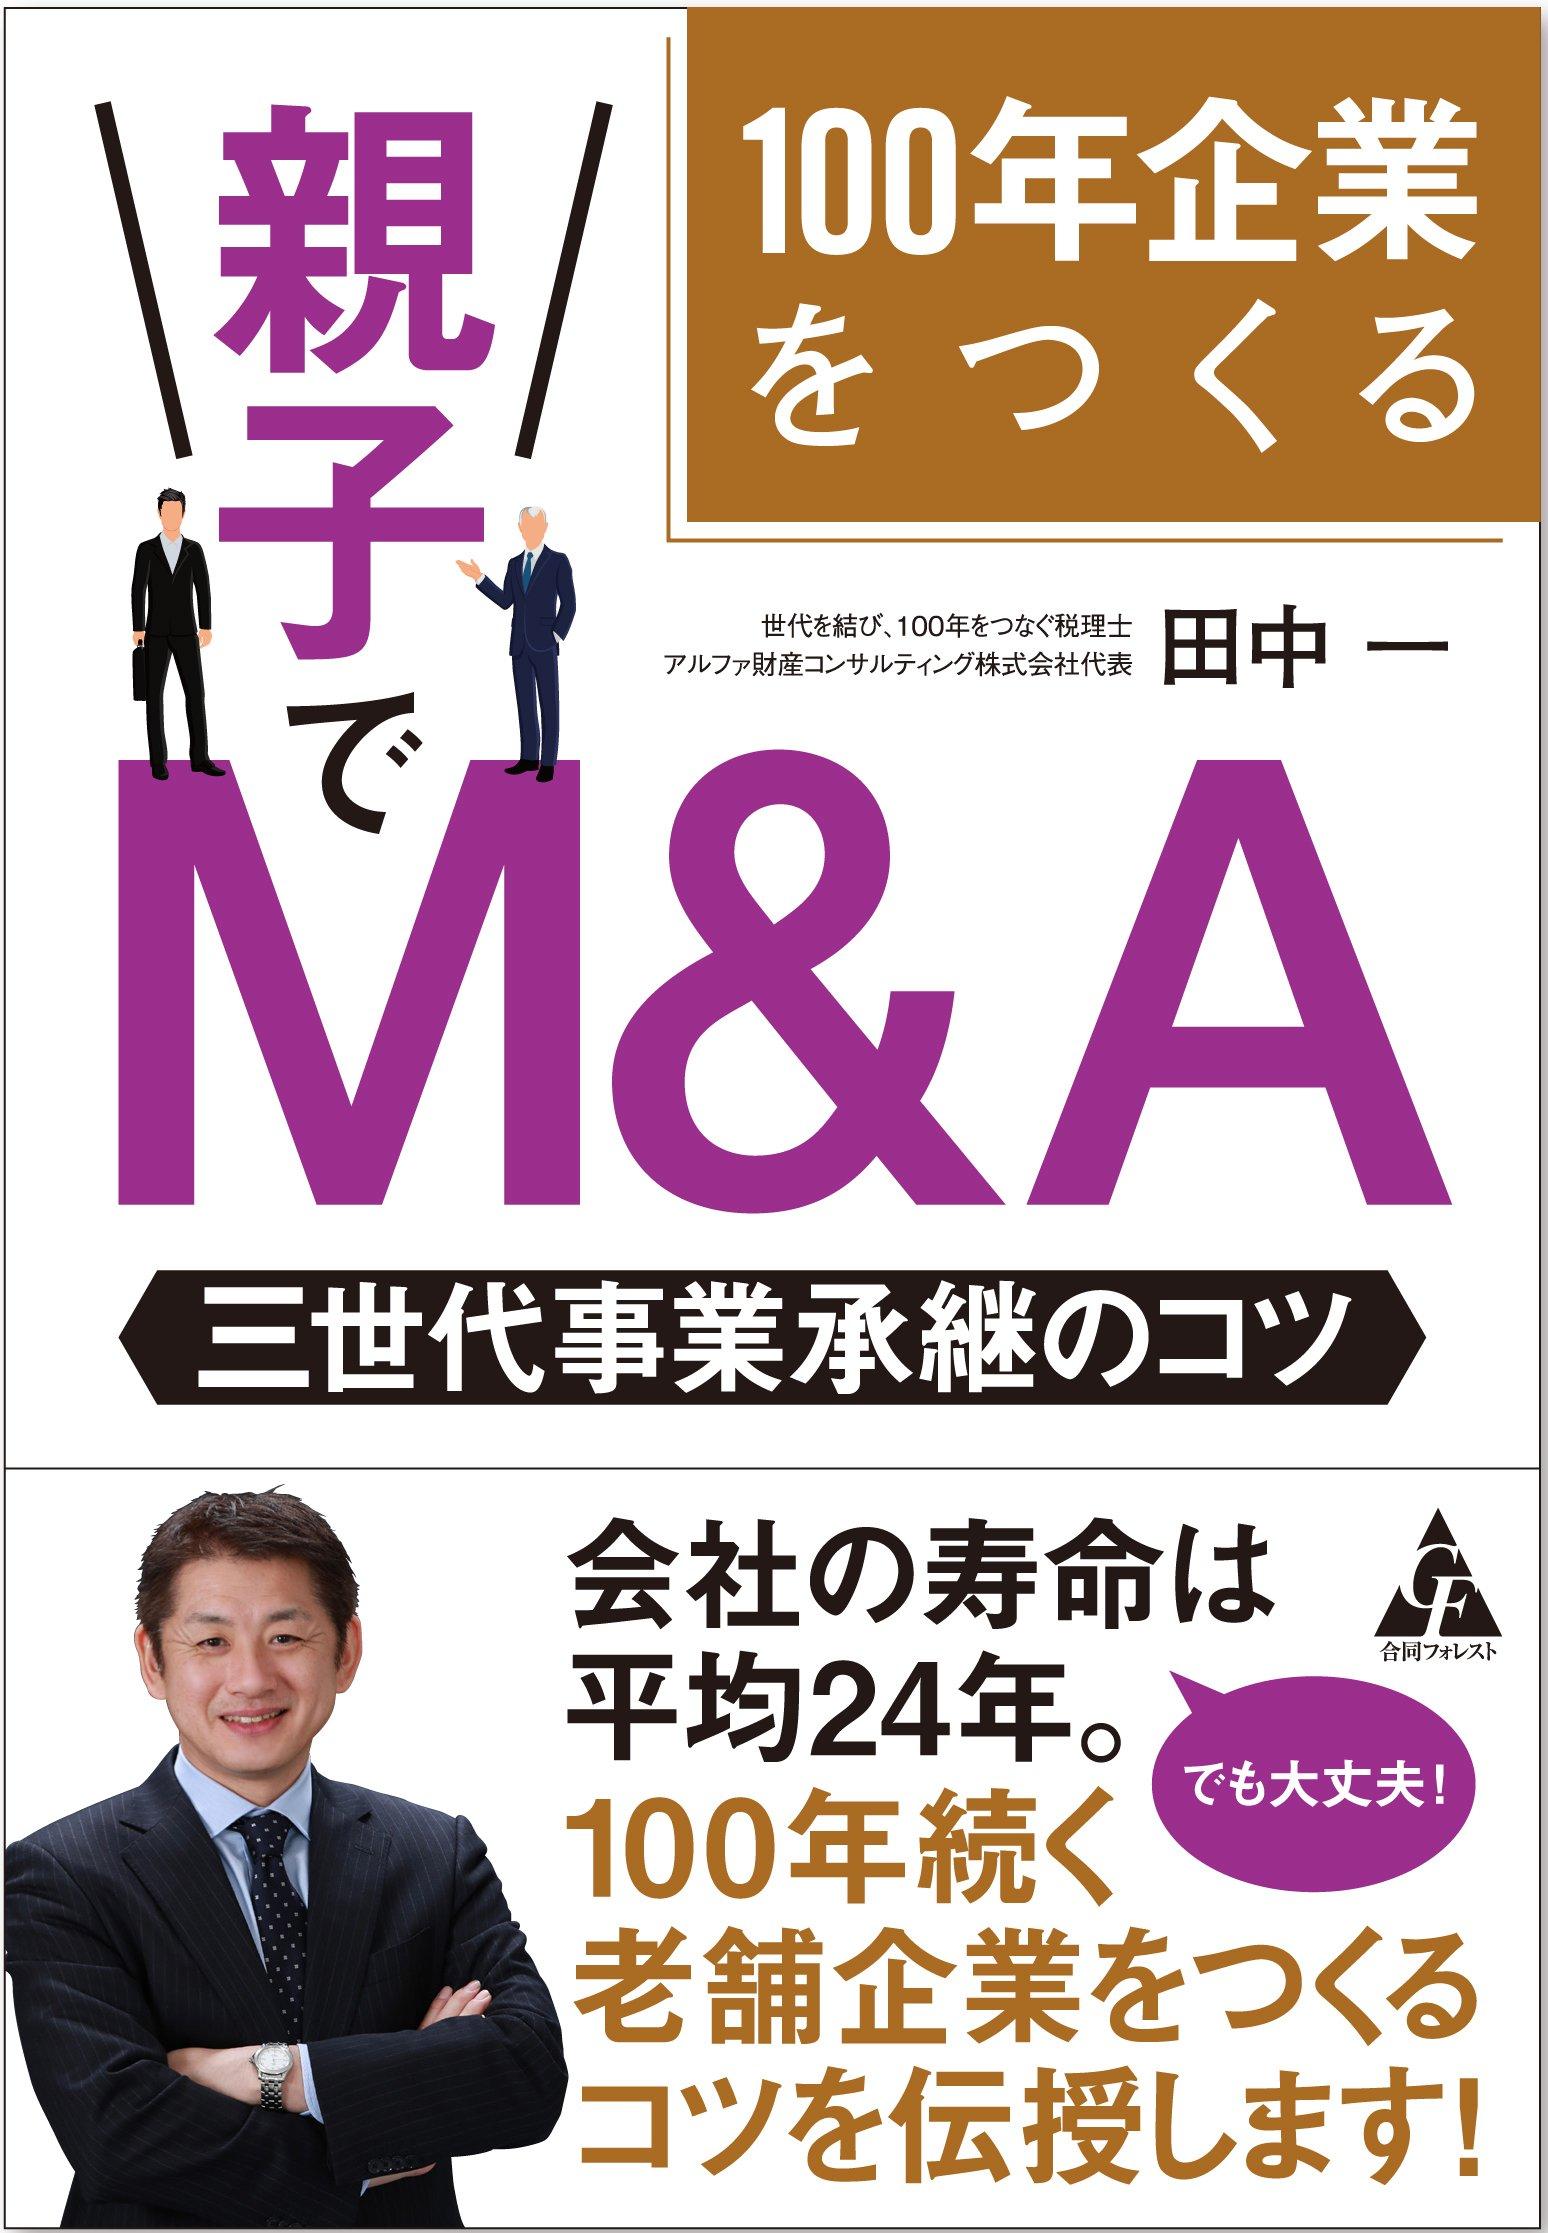 100年企業をつくる 親子でM&A ─三世代事業承継のコツ